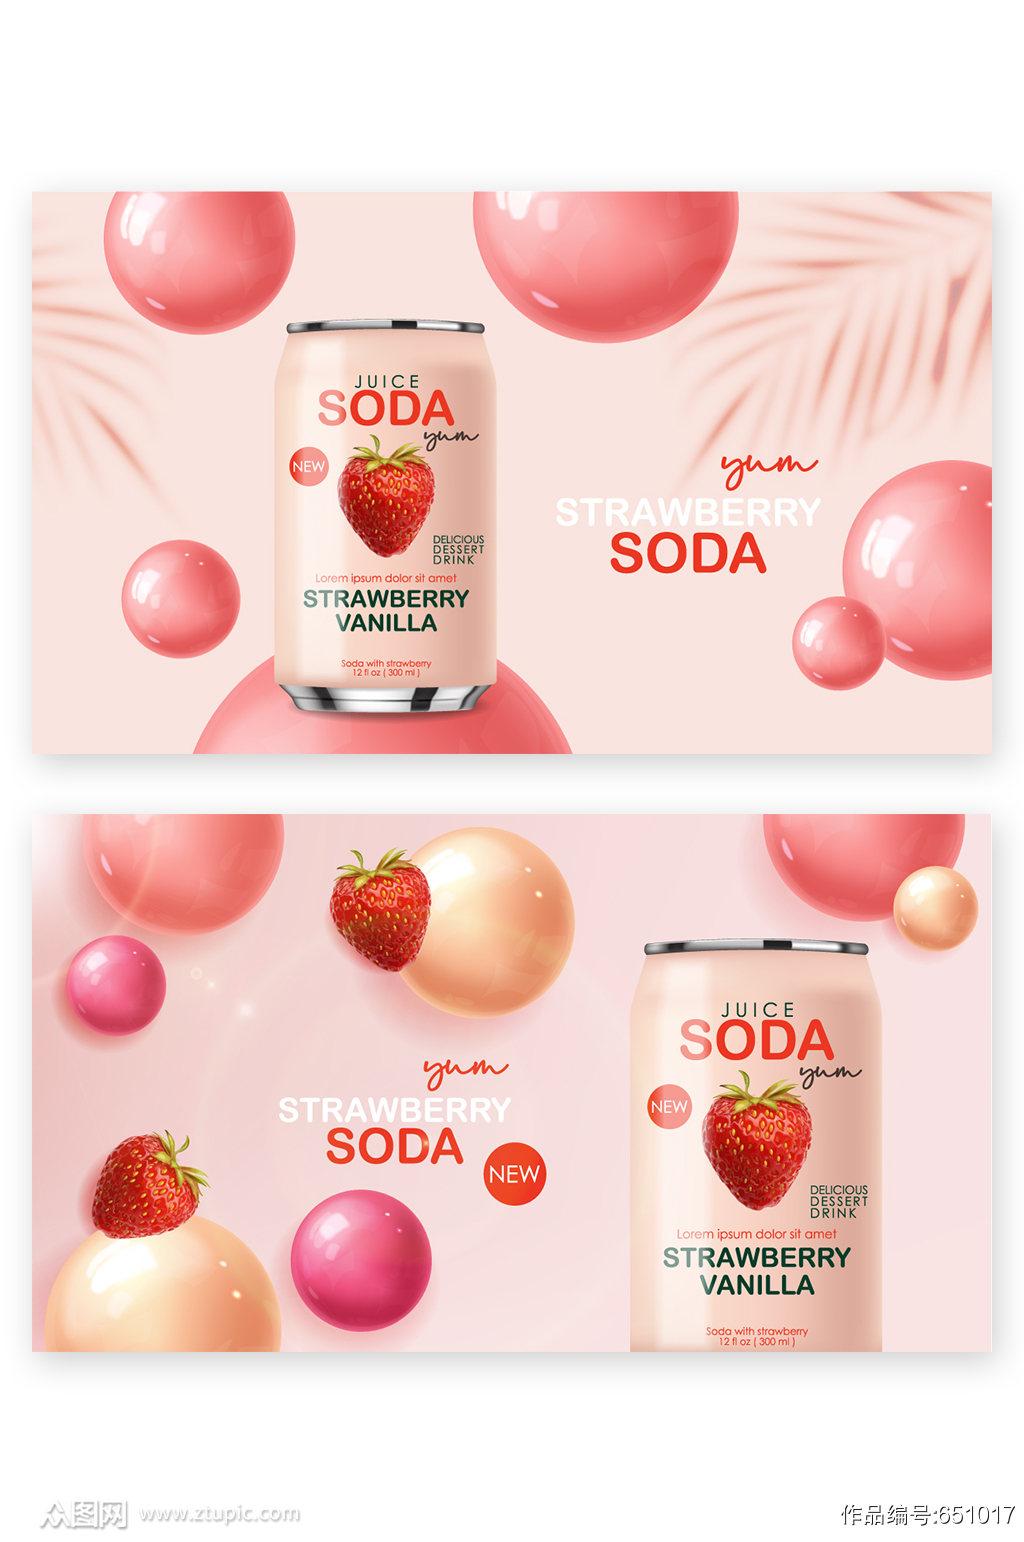 草莓饮品易拉罐海报广告素材